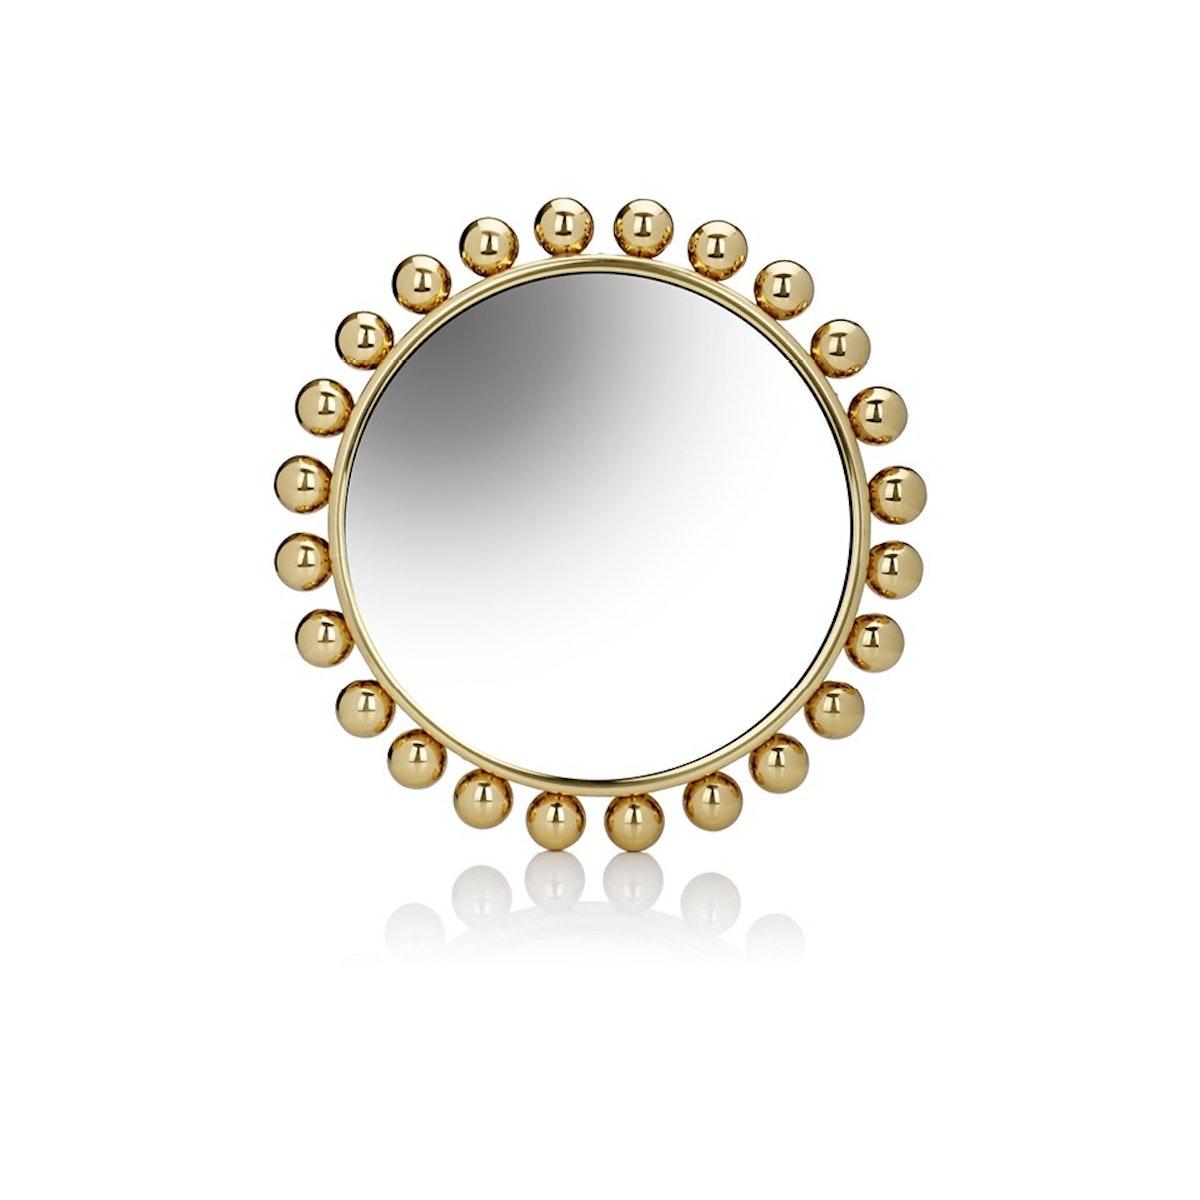 fornasetti mirror.jpg